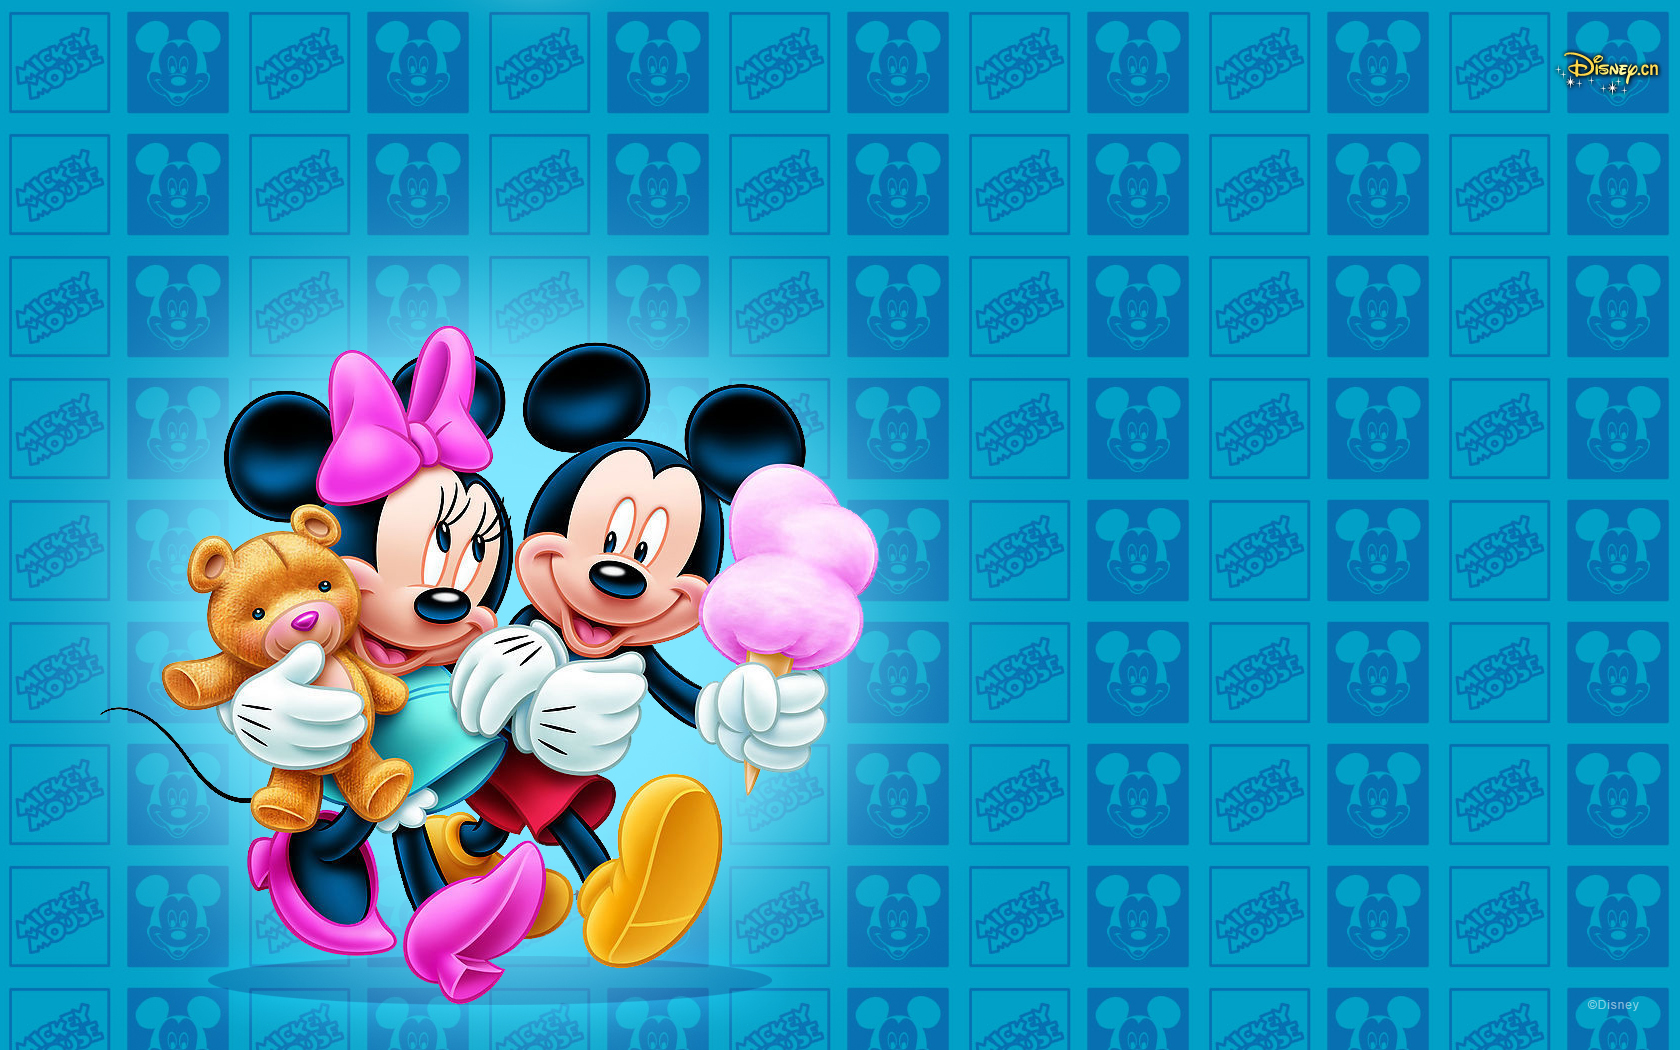 米琪hd_sites of great 壁纸 images mickey & 老友记 hd wallpaper and